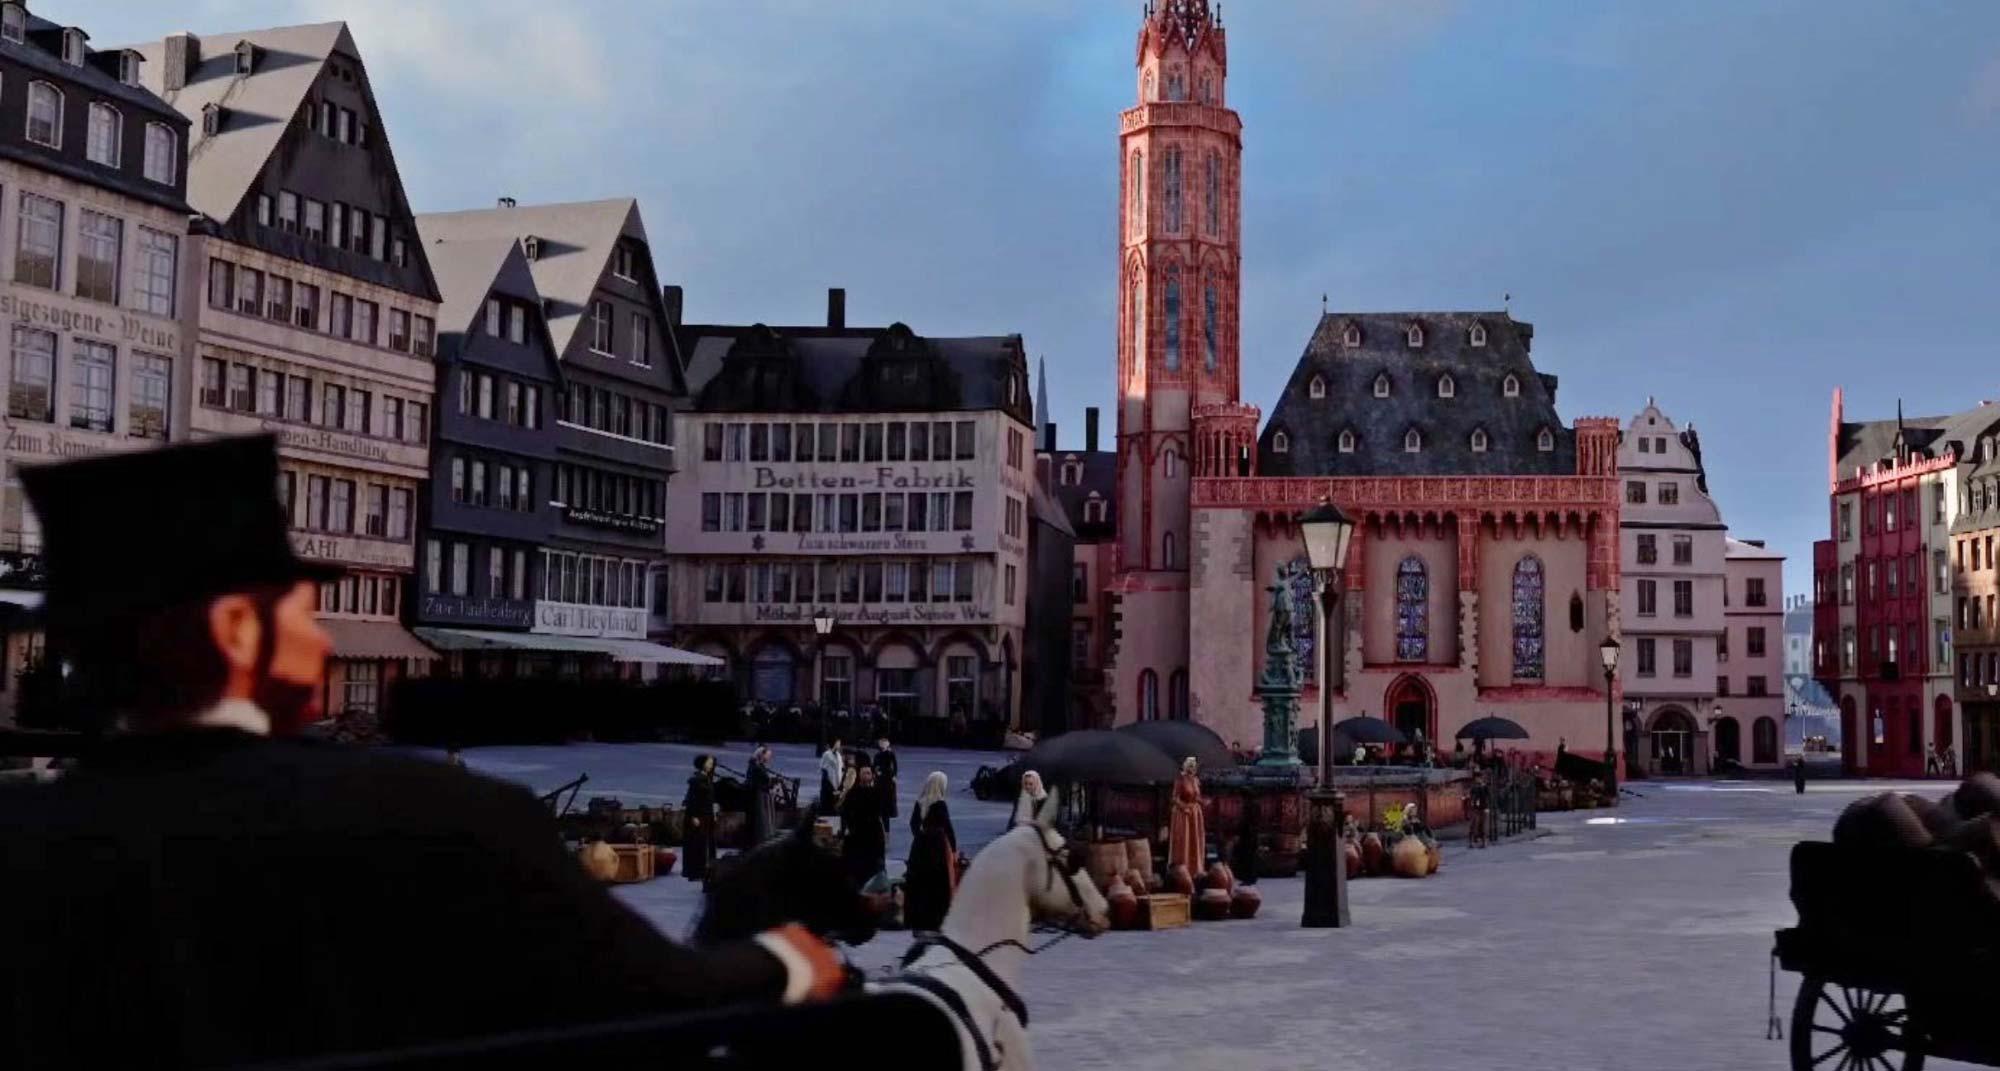 Frankfurt Tipp bei schlechtem Wetter: Attraktion in Frankfurt am Main - Stadtführung - Rundfahrt